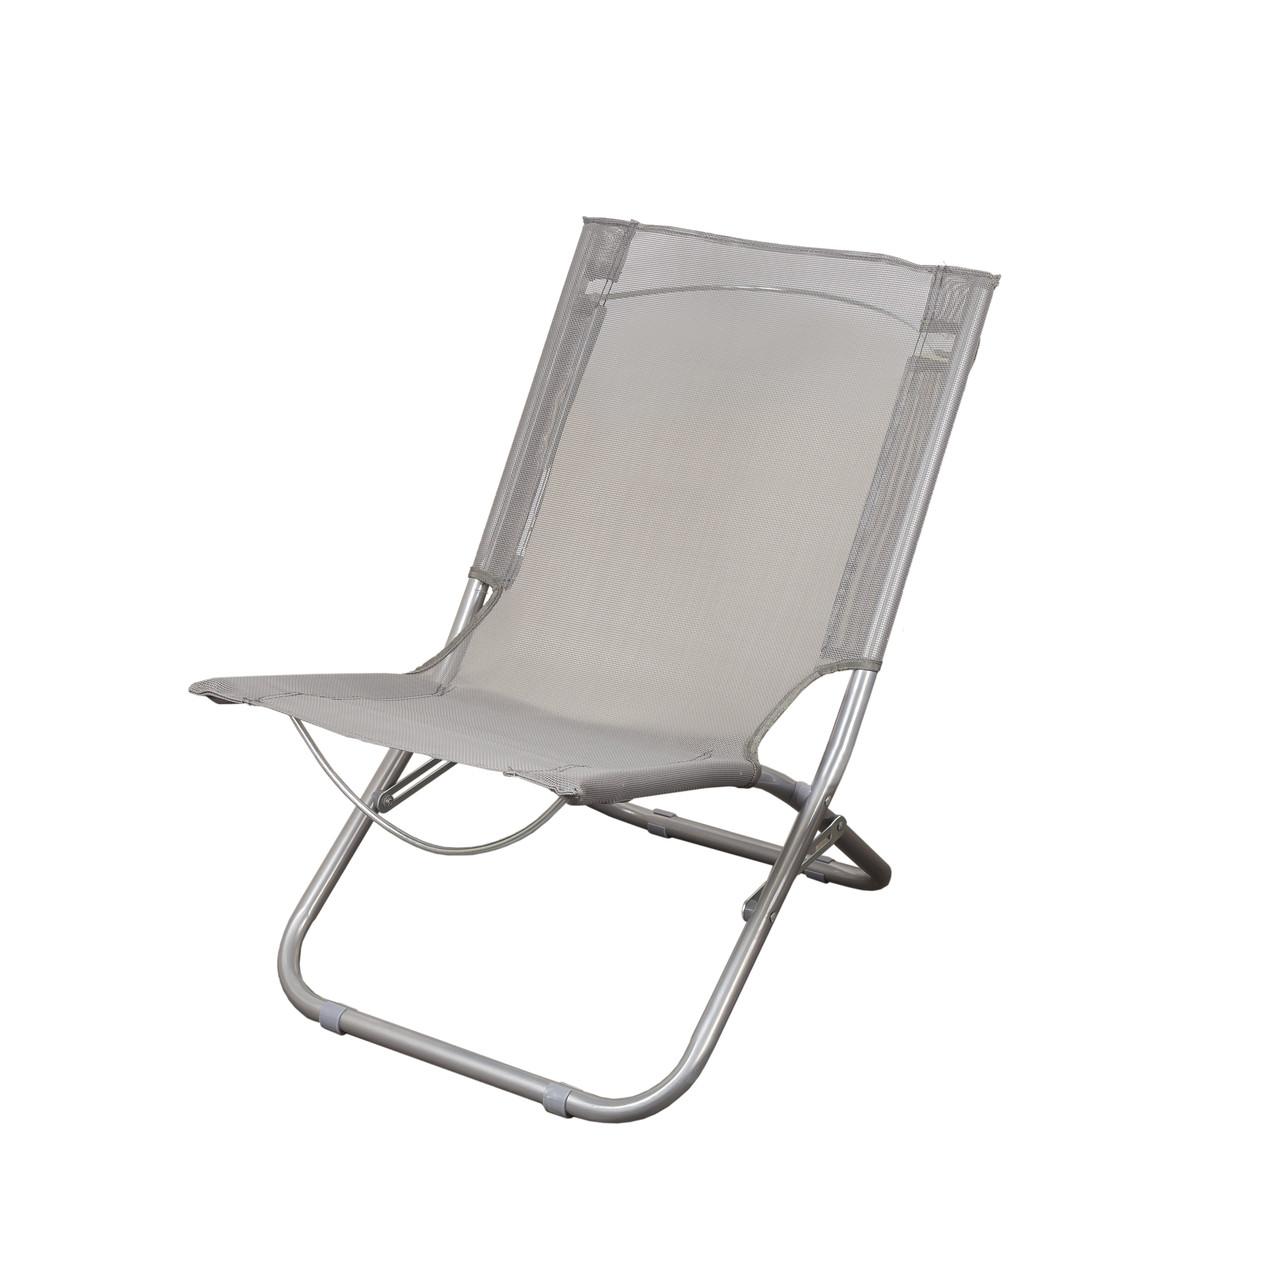 Пляжный складной стул GP GP20022303 GRAY